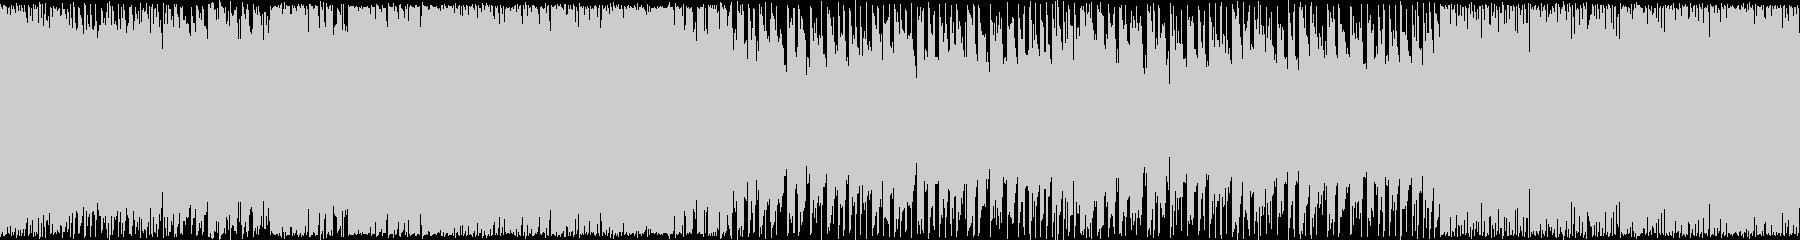 【ループBGM】ハイスピードボスラッシュの未再生の波形